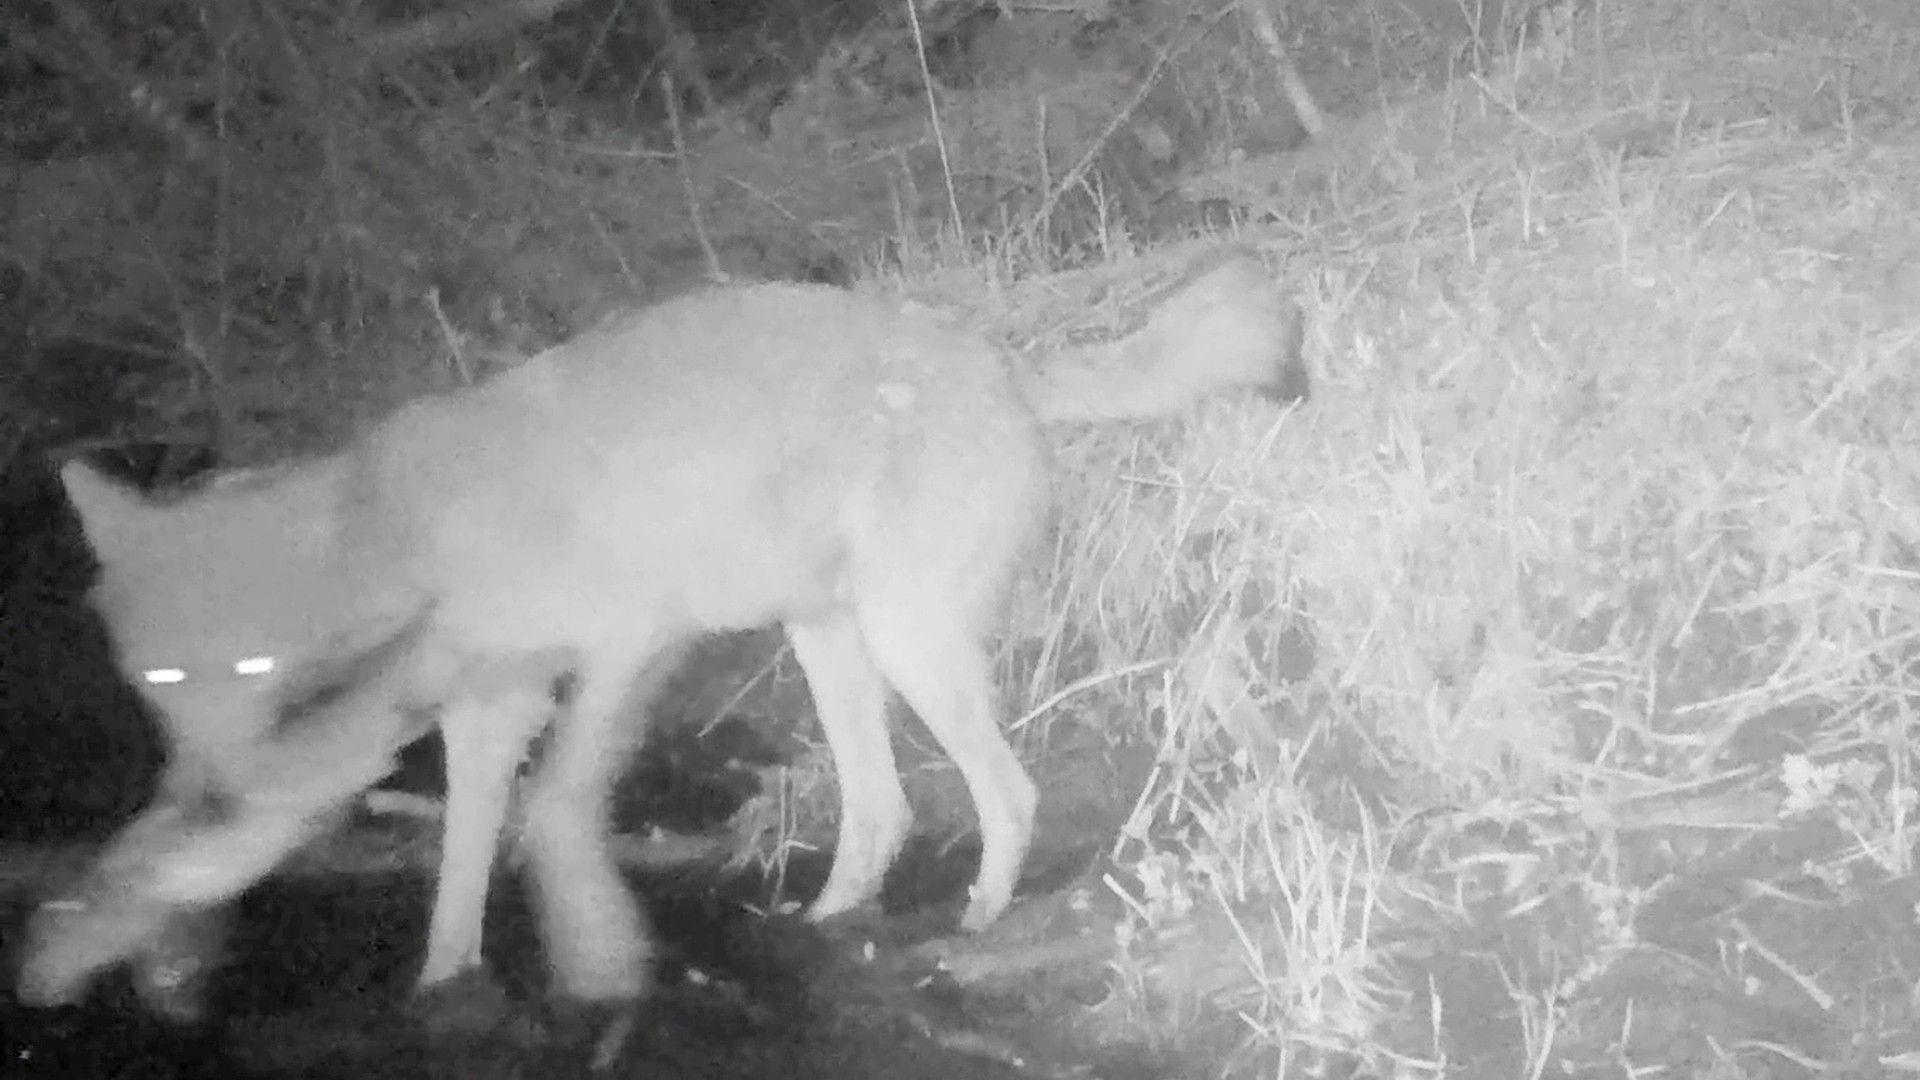 Toute première vidéo montrant des loups pêcher et manger du poisson | National Geographic